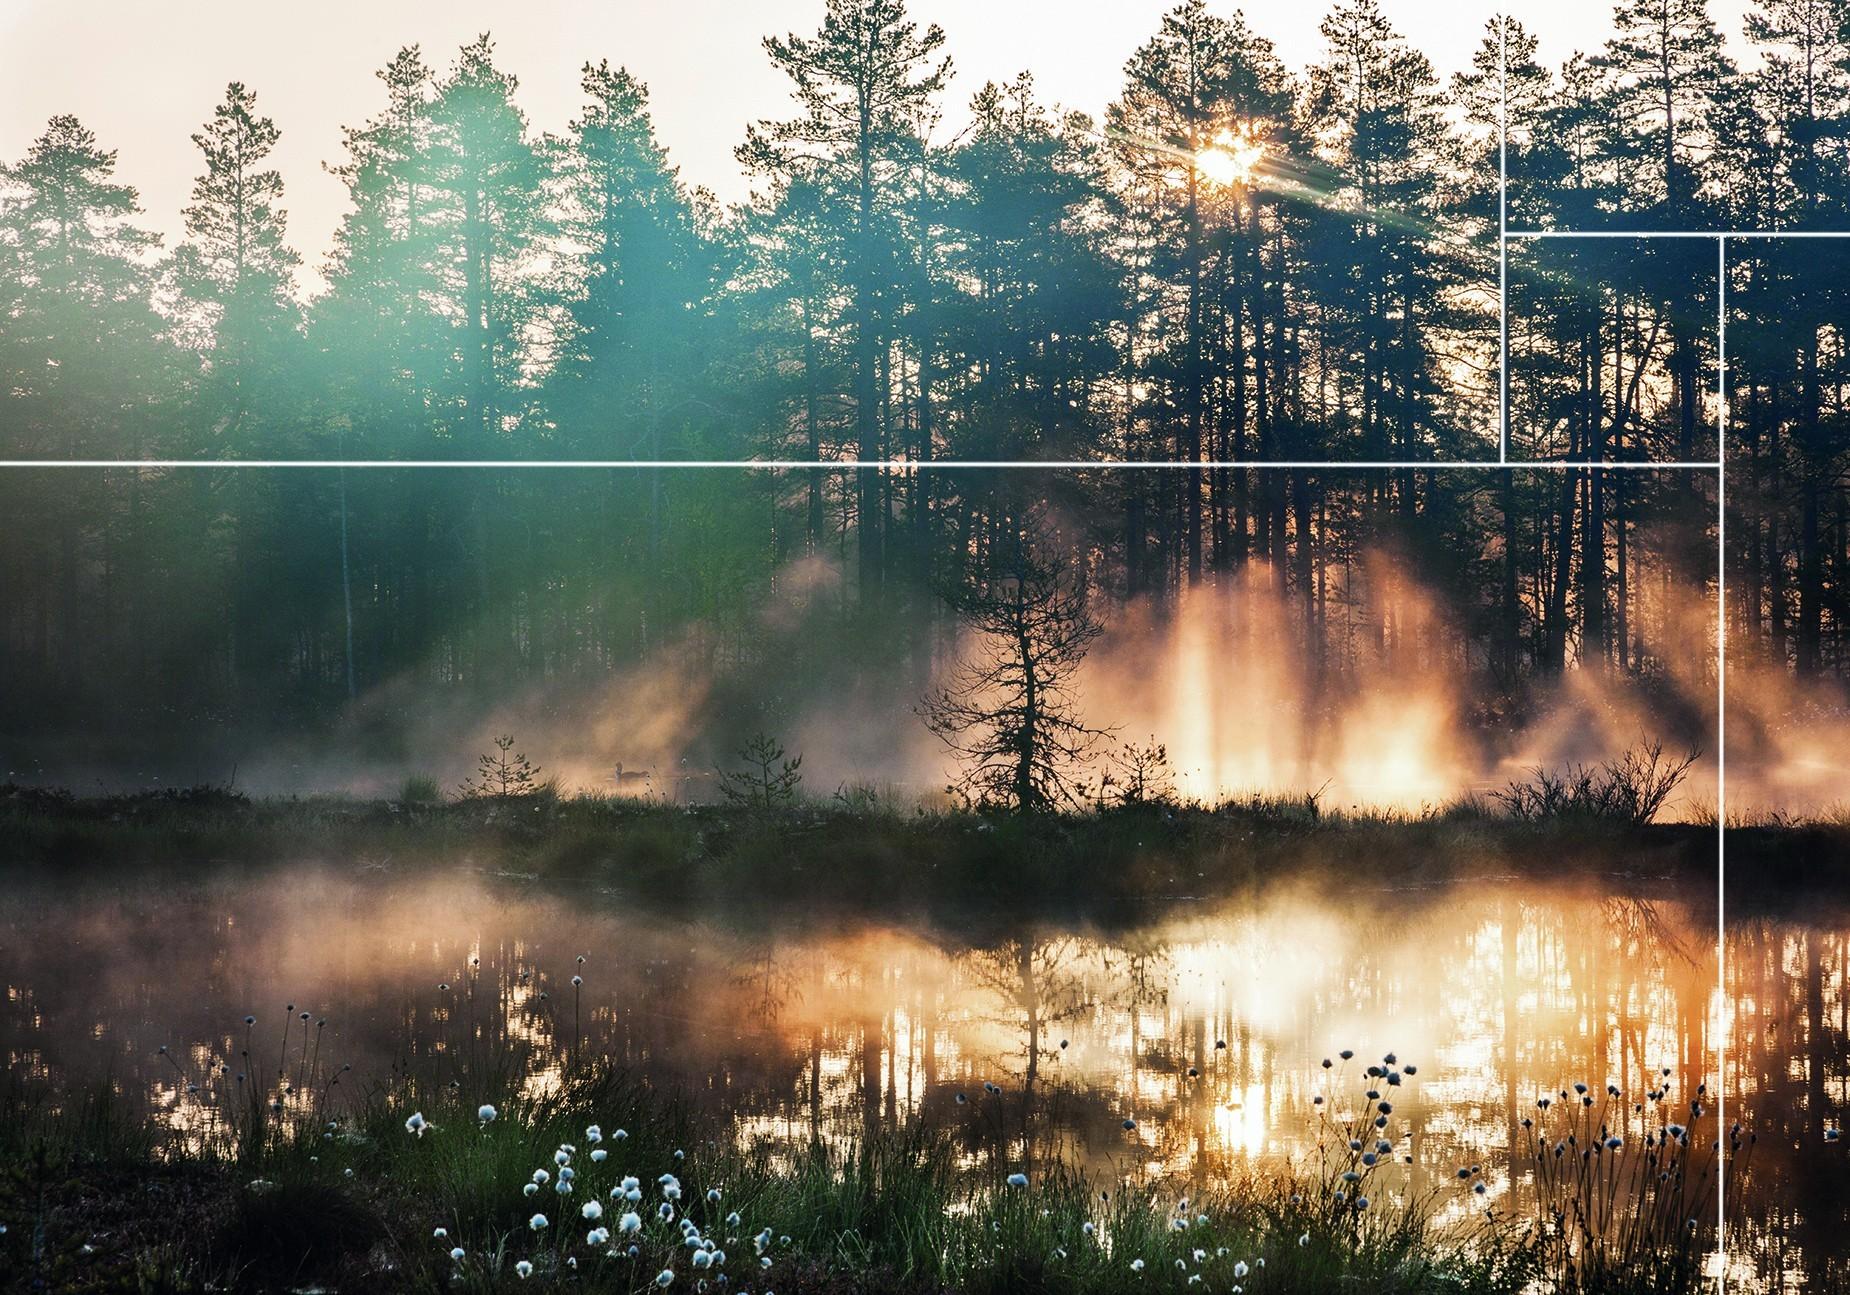 Bekijk de wanddecoraties van de Oulanka Forest collectie |Nature@home